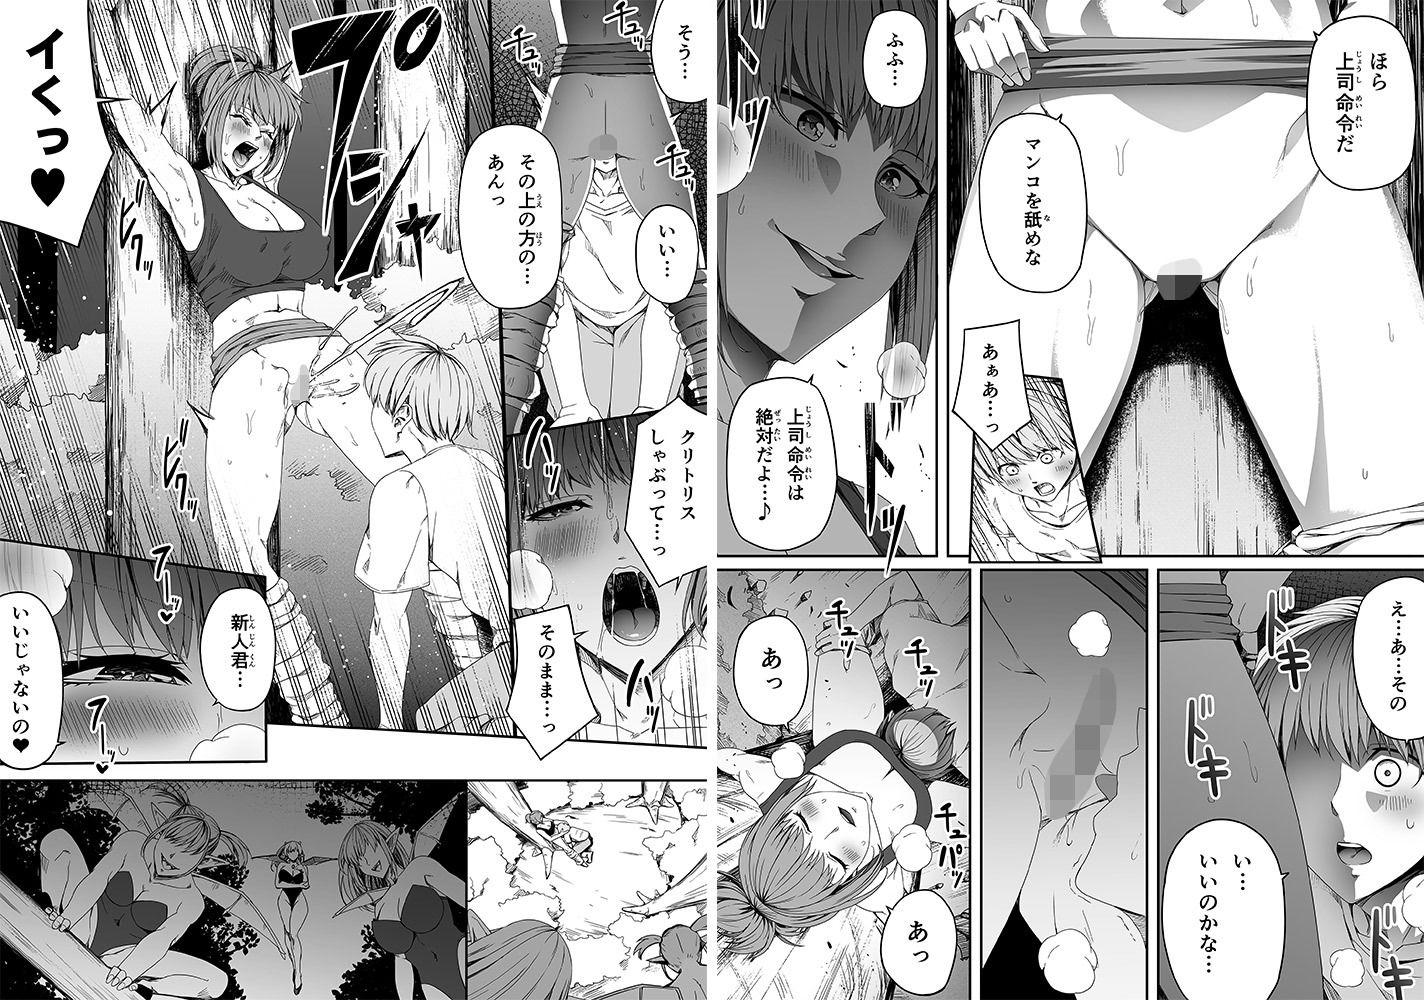 力あるサキュバスは性欲を満たしたいだけ 4【同人エロ漫画】(Road=ロード=)7